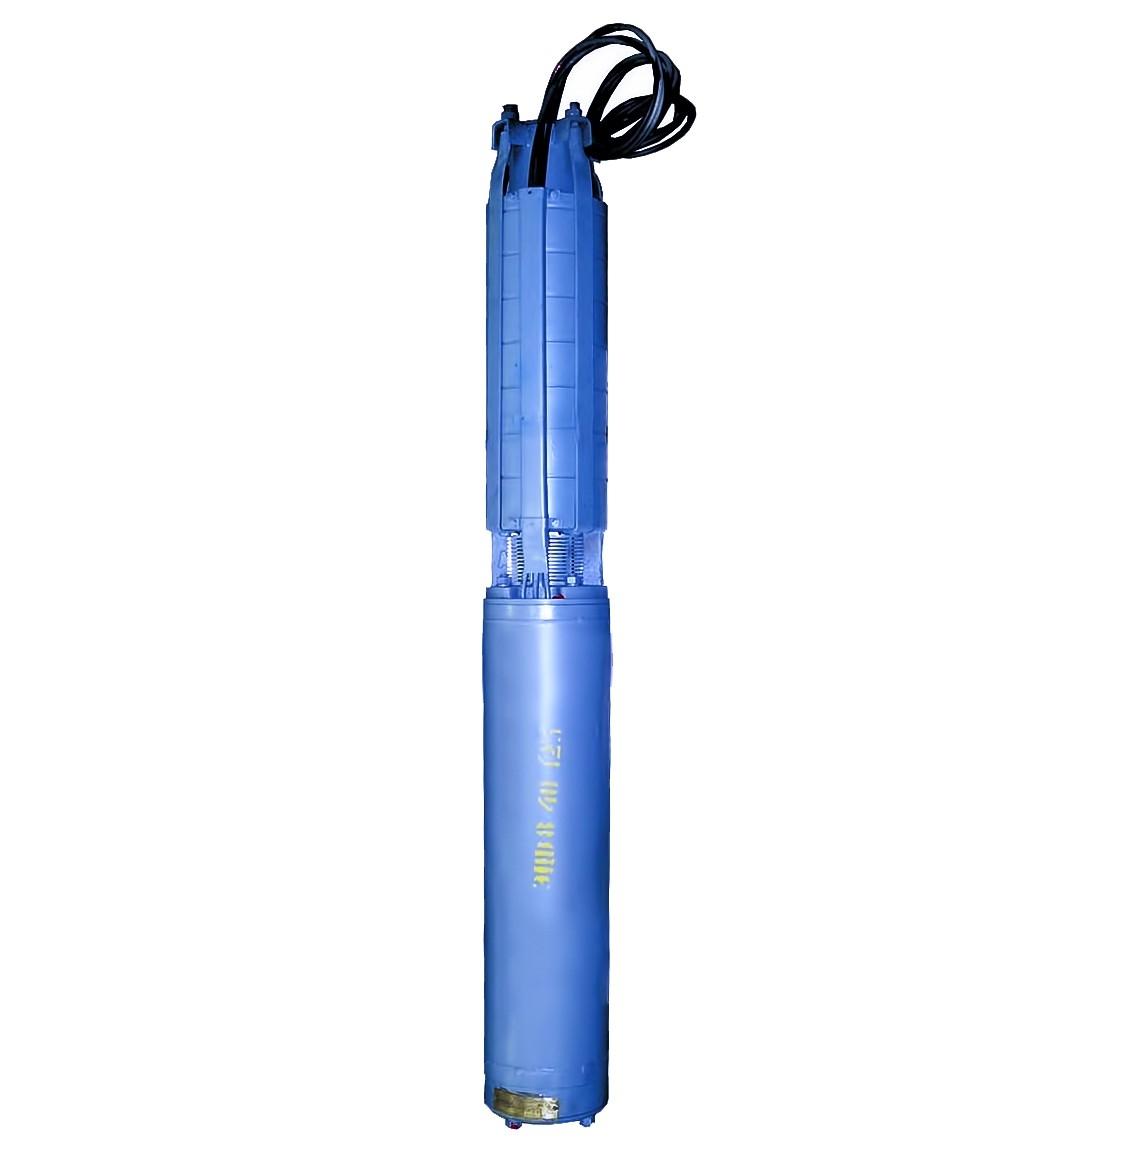 Погружной насос ЭЦВ 6-4-130 армлен